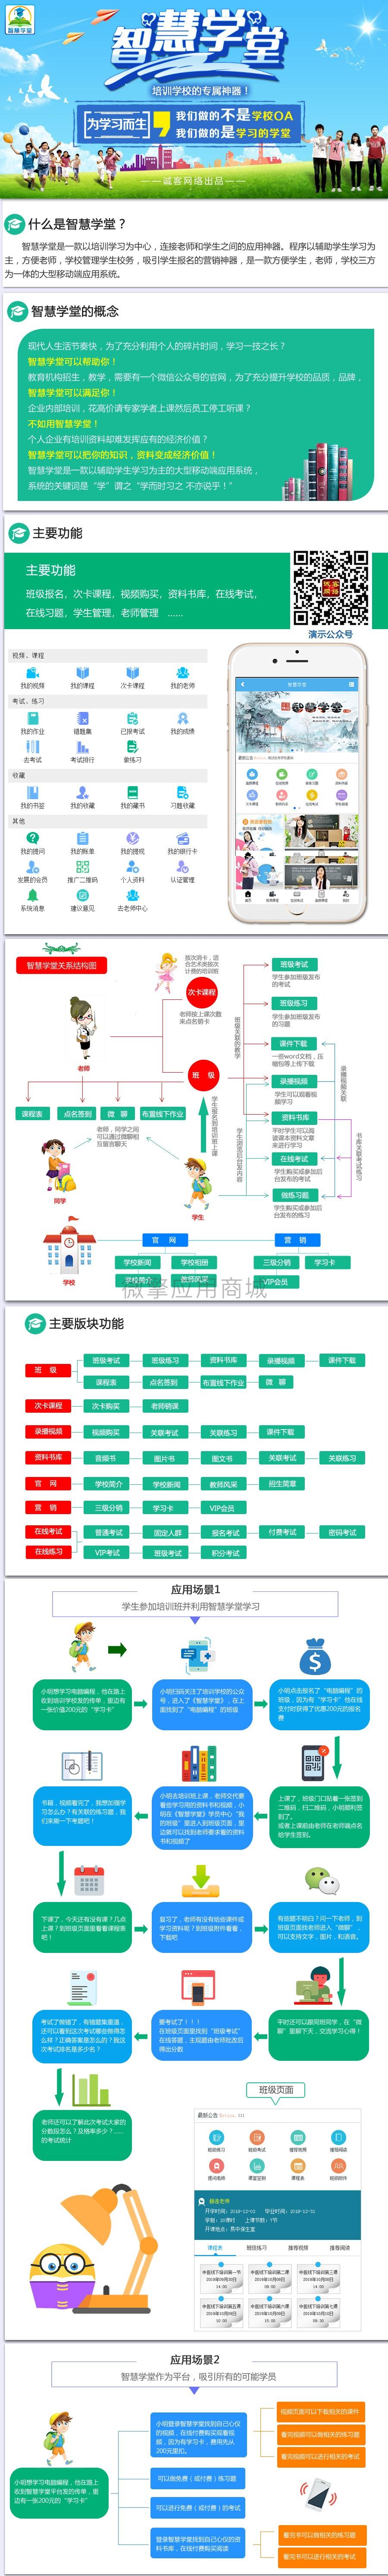 【微信模块】诚客-智慧学堂V1.8.2 – 全功能版-52资源网